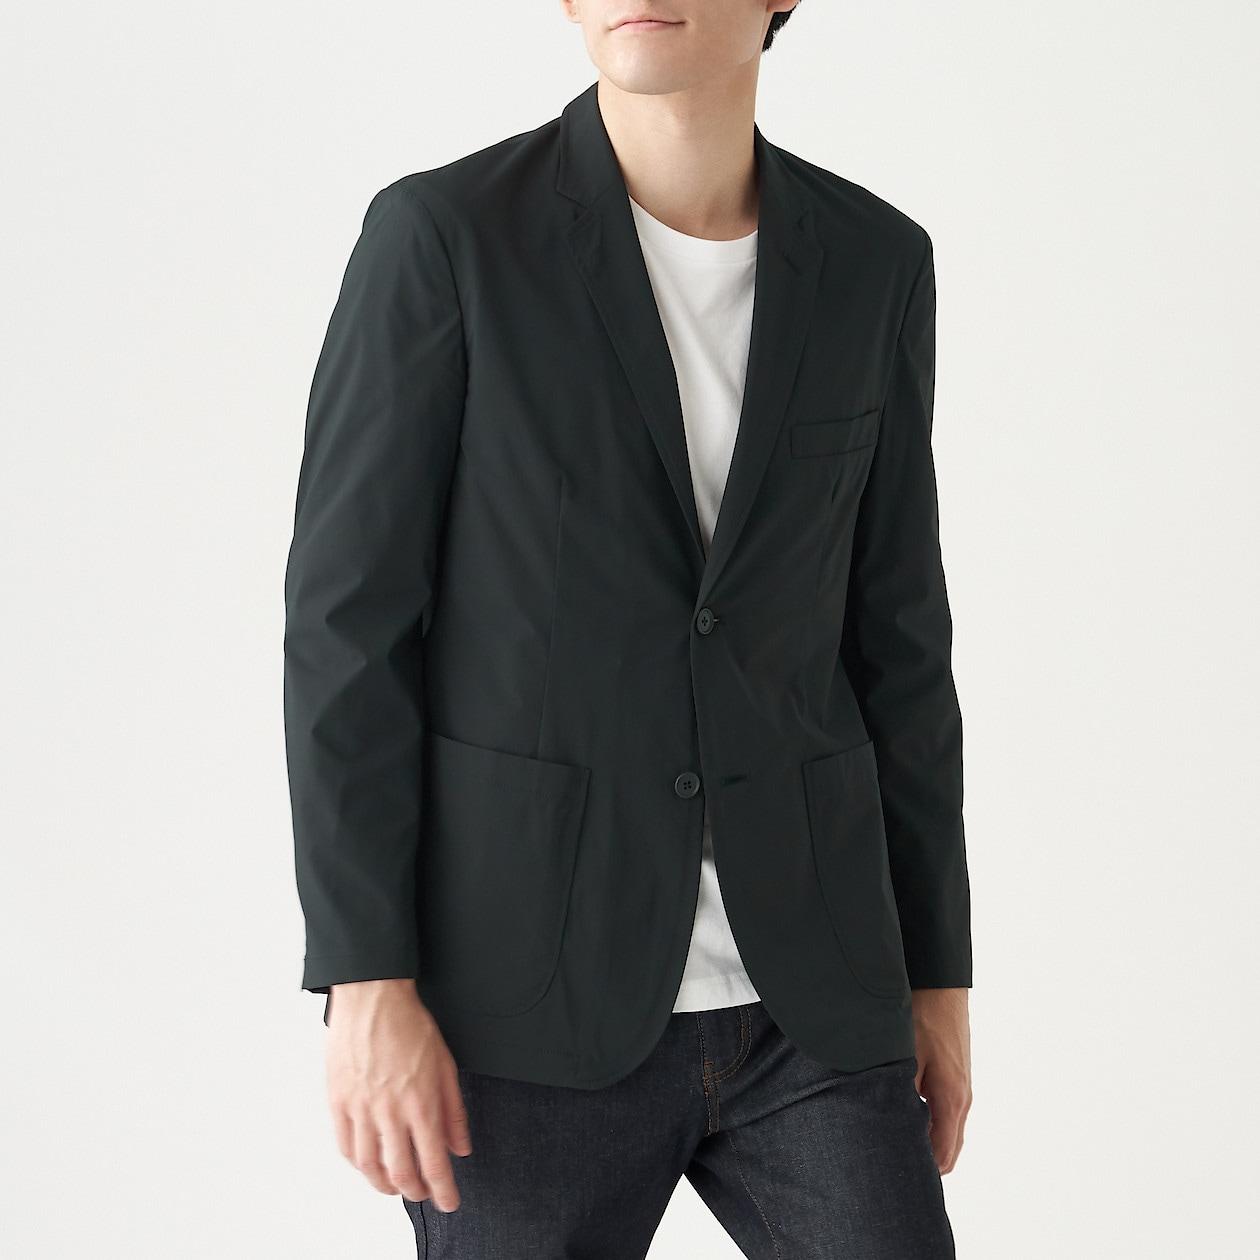 トラベルジャケットって何?いろんな場面で活躍する便利なジャケットをご紹介!